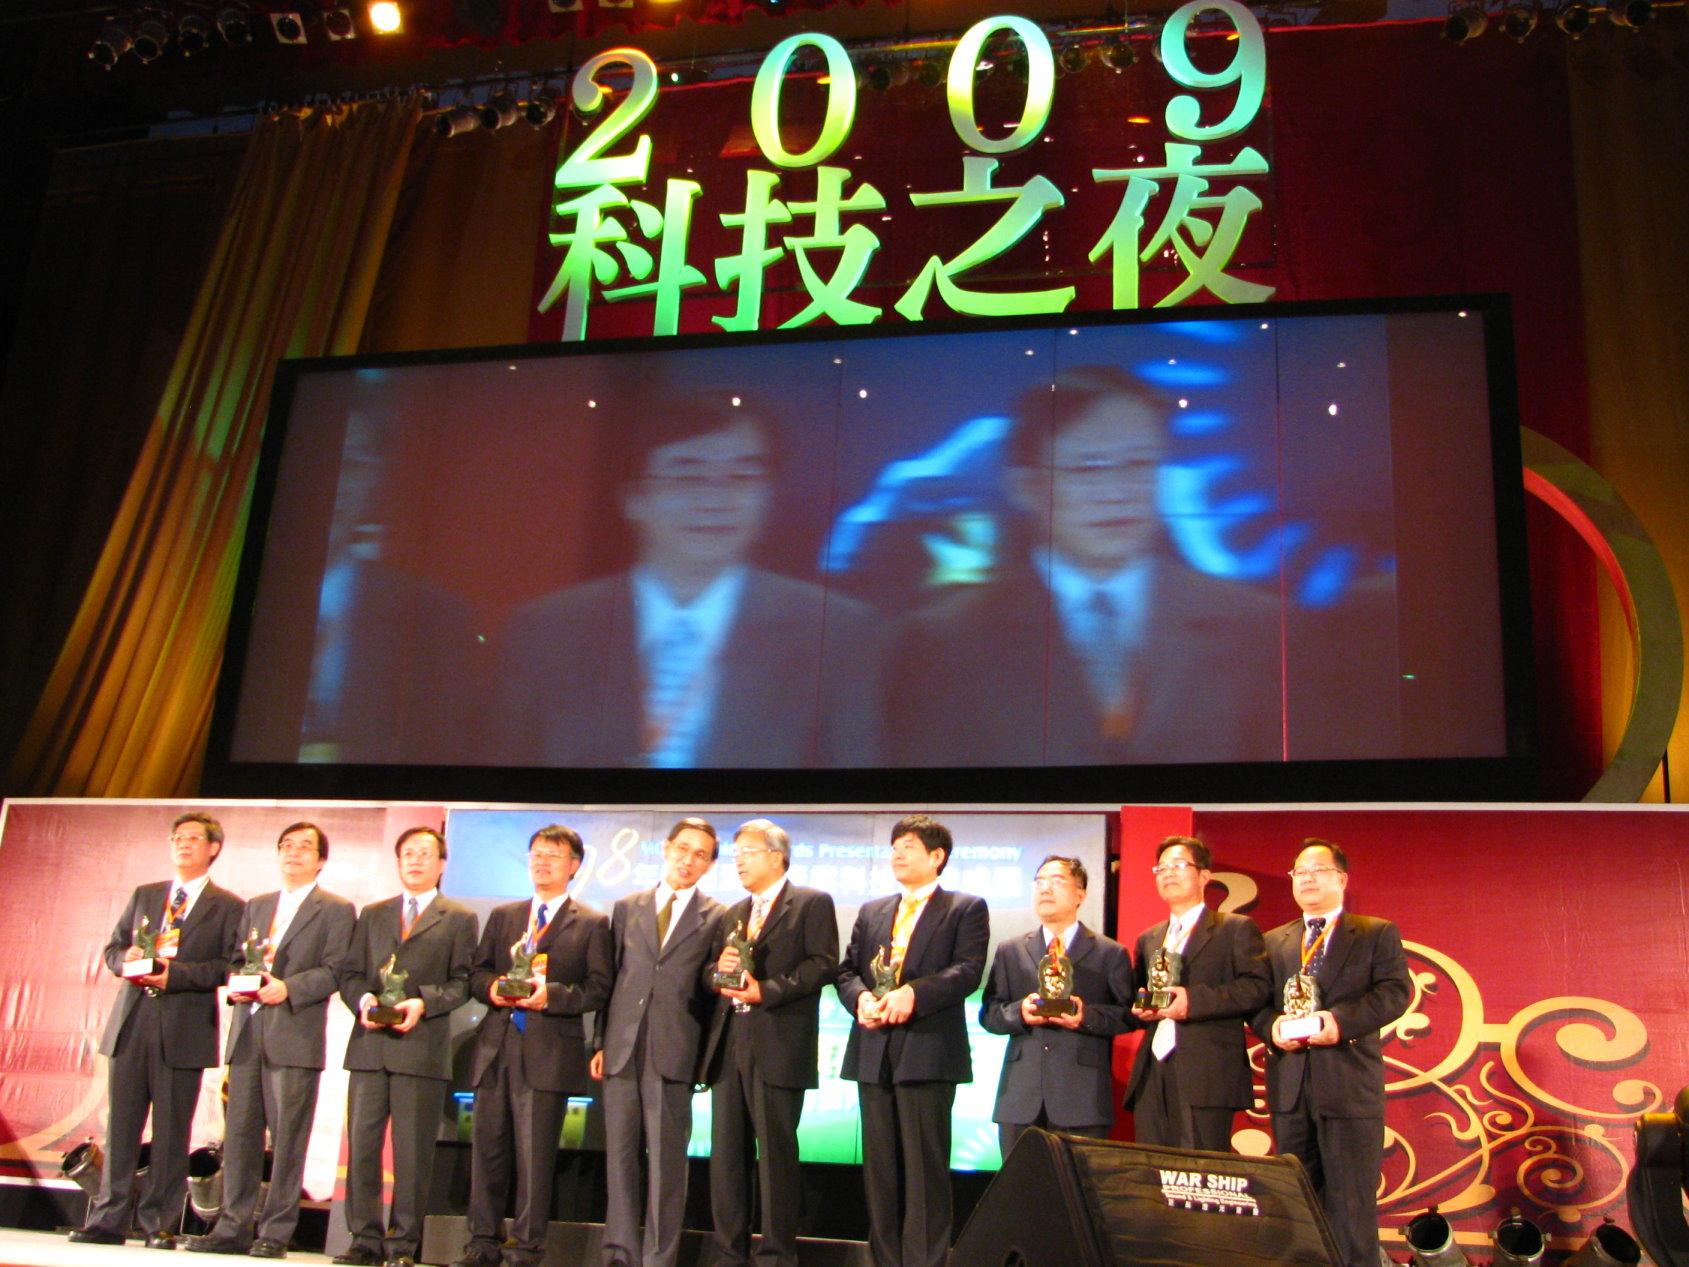 賀!中原大學薄膜中心榮獲2009大學產業經濟貢獻獎團隊獎